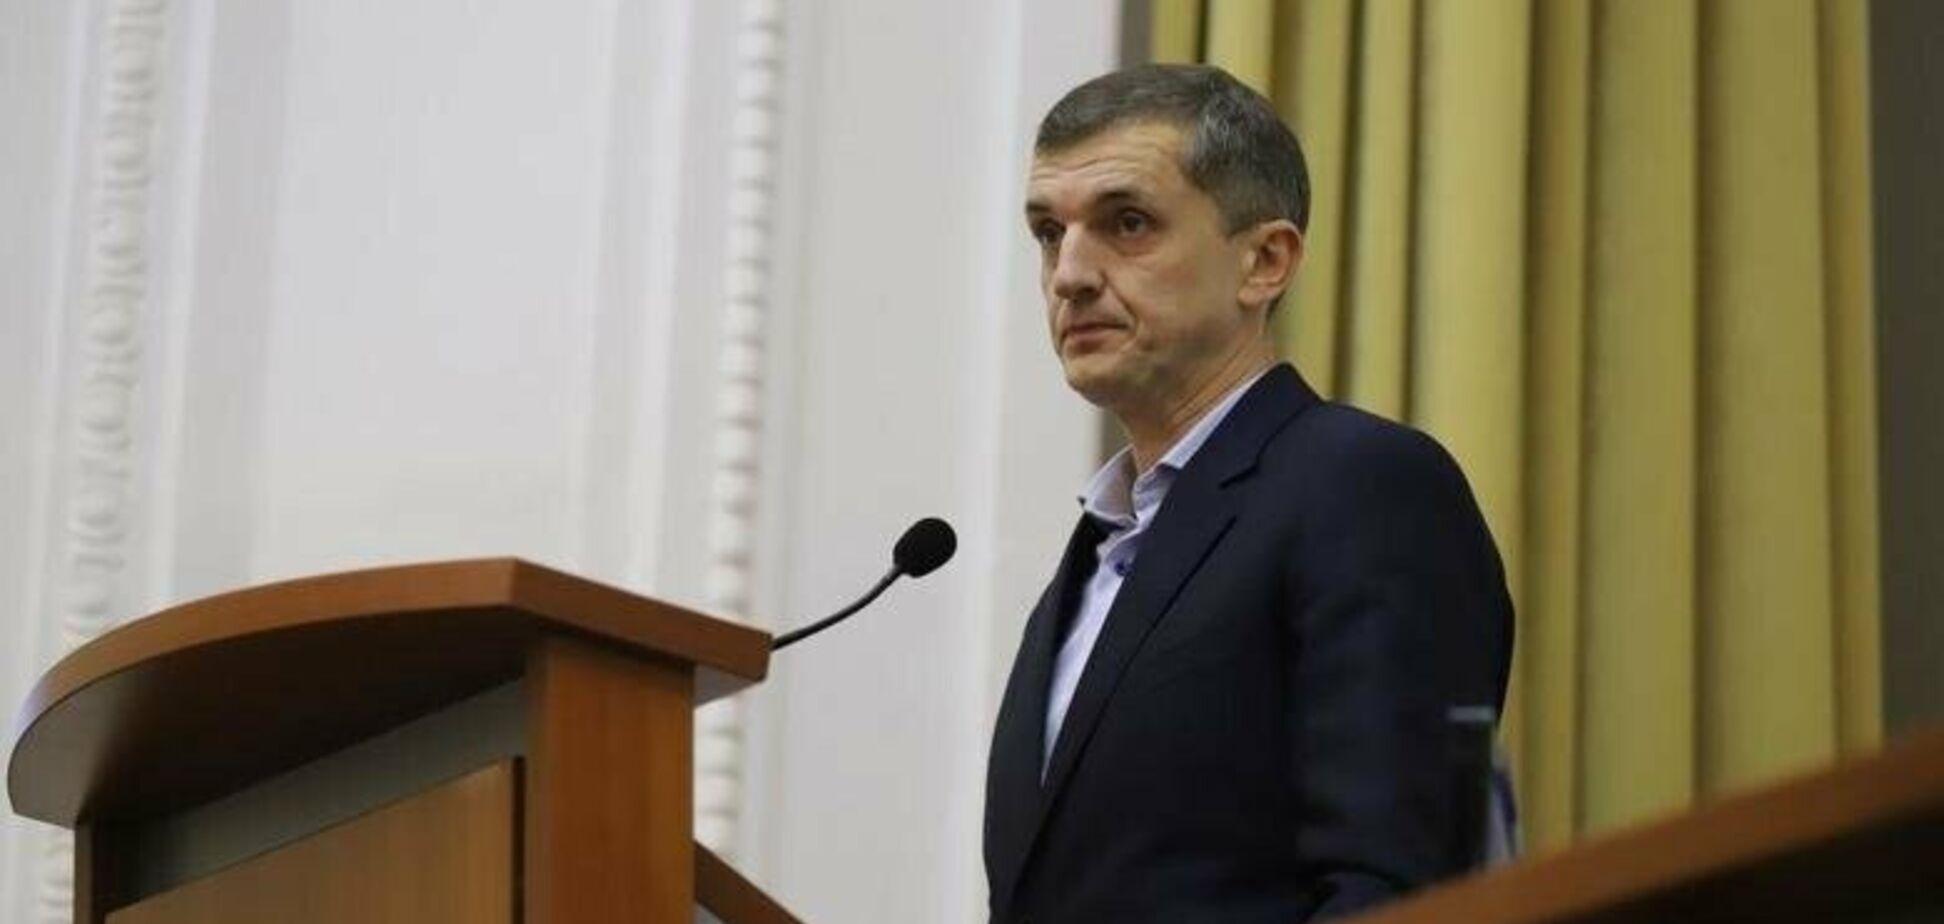 Главой прокуратуры в Днепропетровской области может стать Валерий Прихожанов